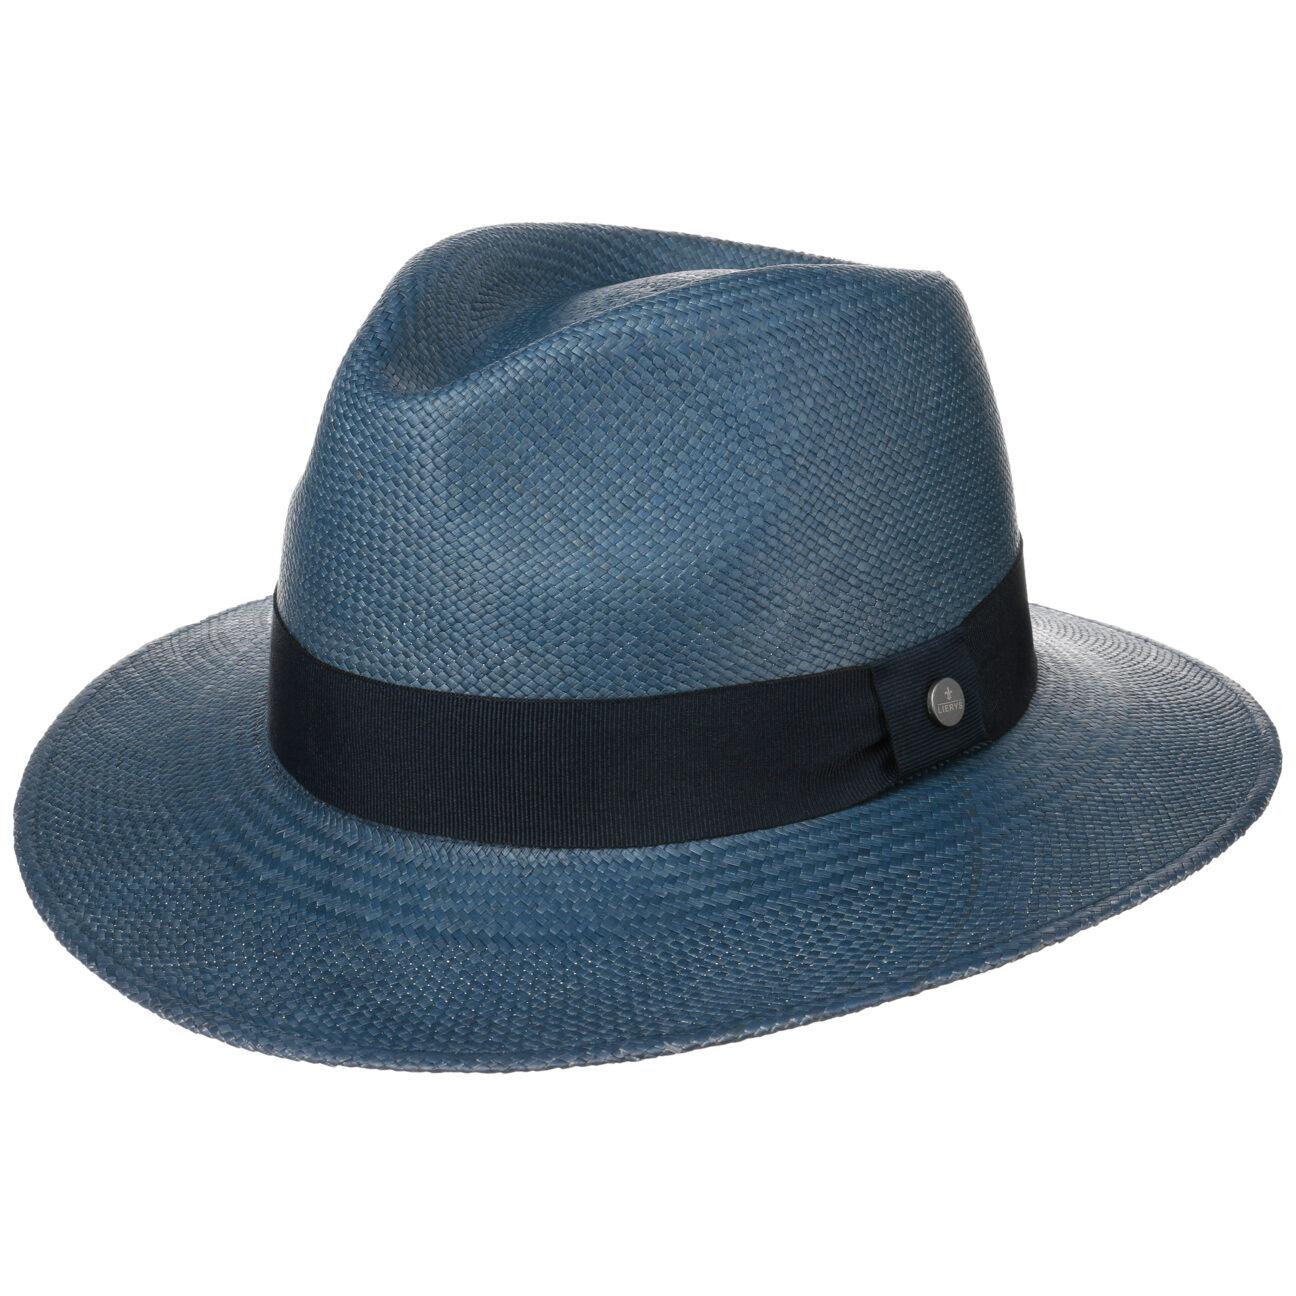 Lierys Cappello Panama Classic Moda Traveller by Lierys in denim, Gr. S (55-56 cm)